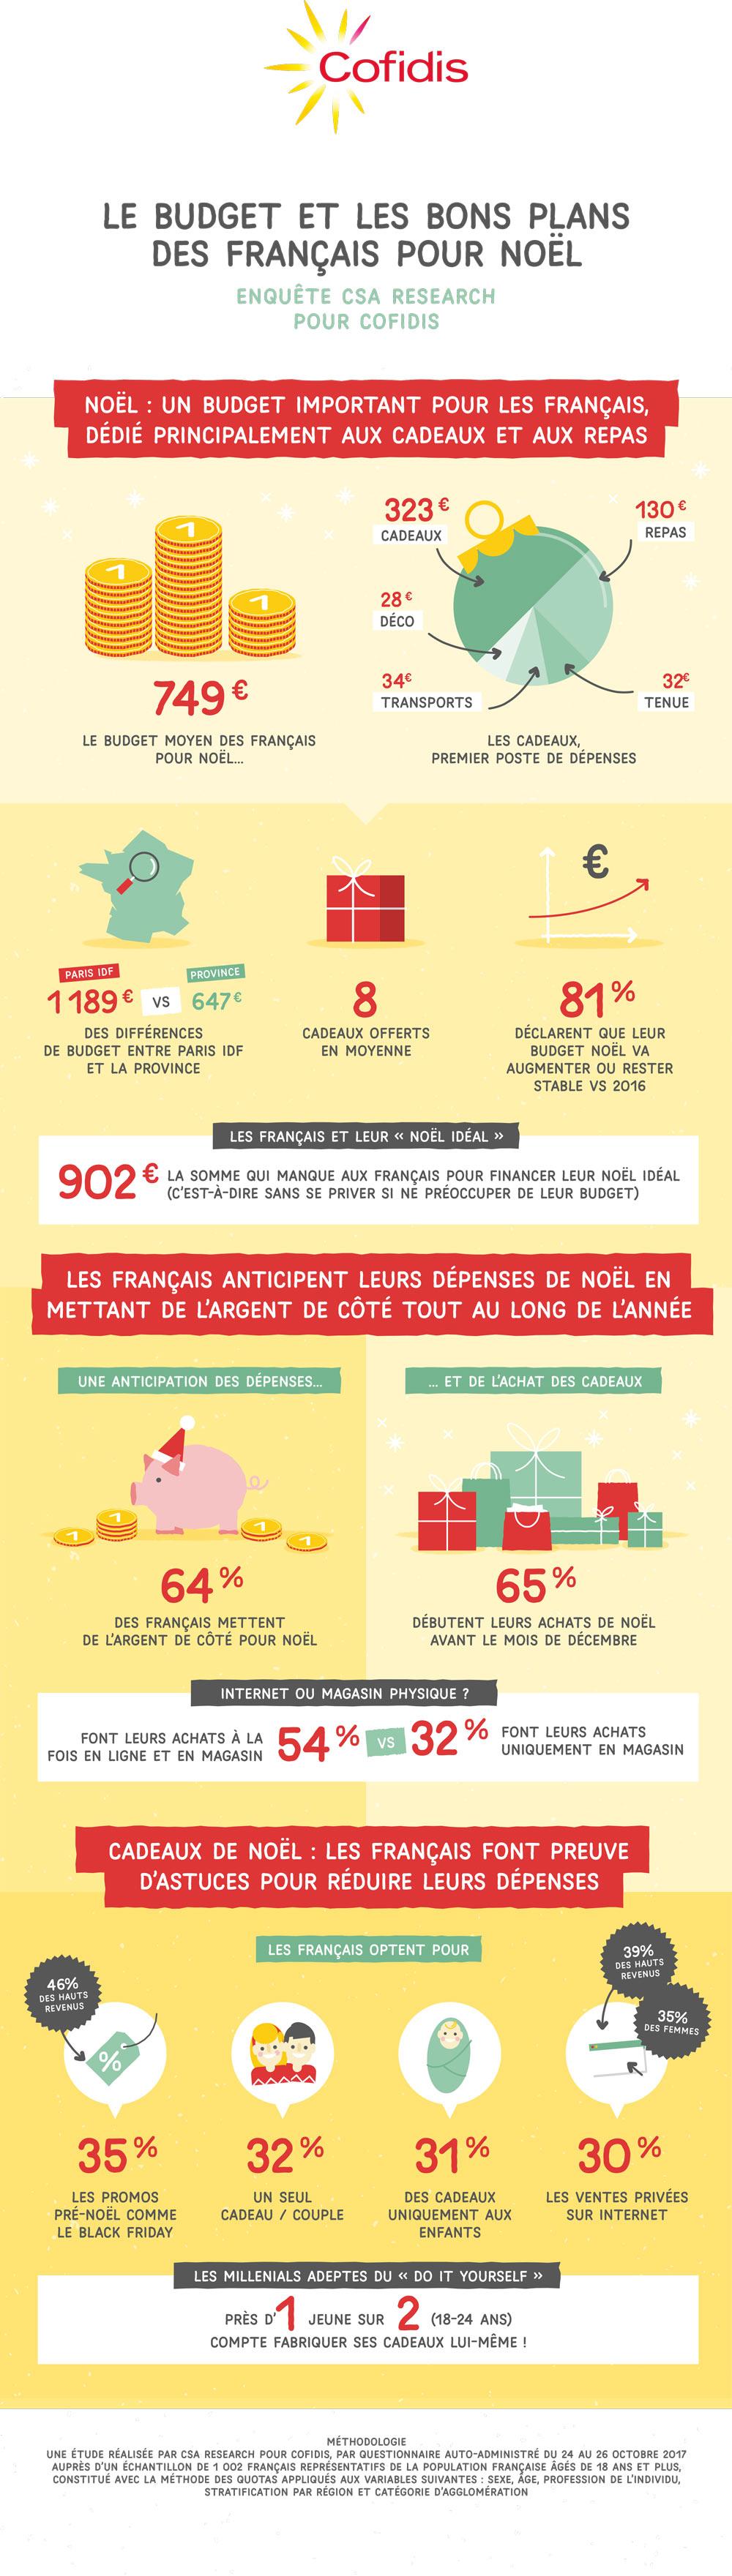 infographie-etude-cofidis-bons-plans-comportement-cadeaux-noel